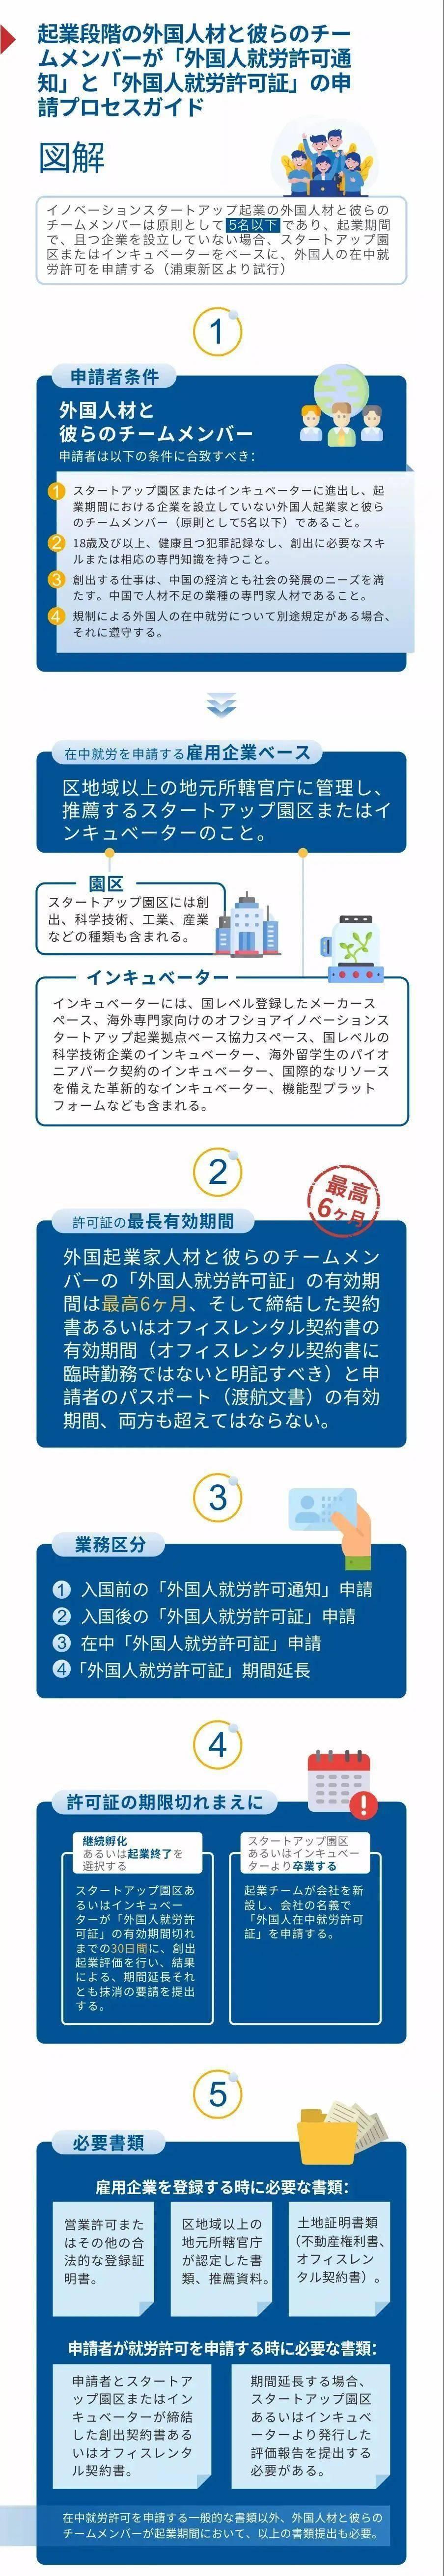 《支持外国人才及团队成员在创业期内办理工作许可》(中英日语图解指南)